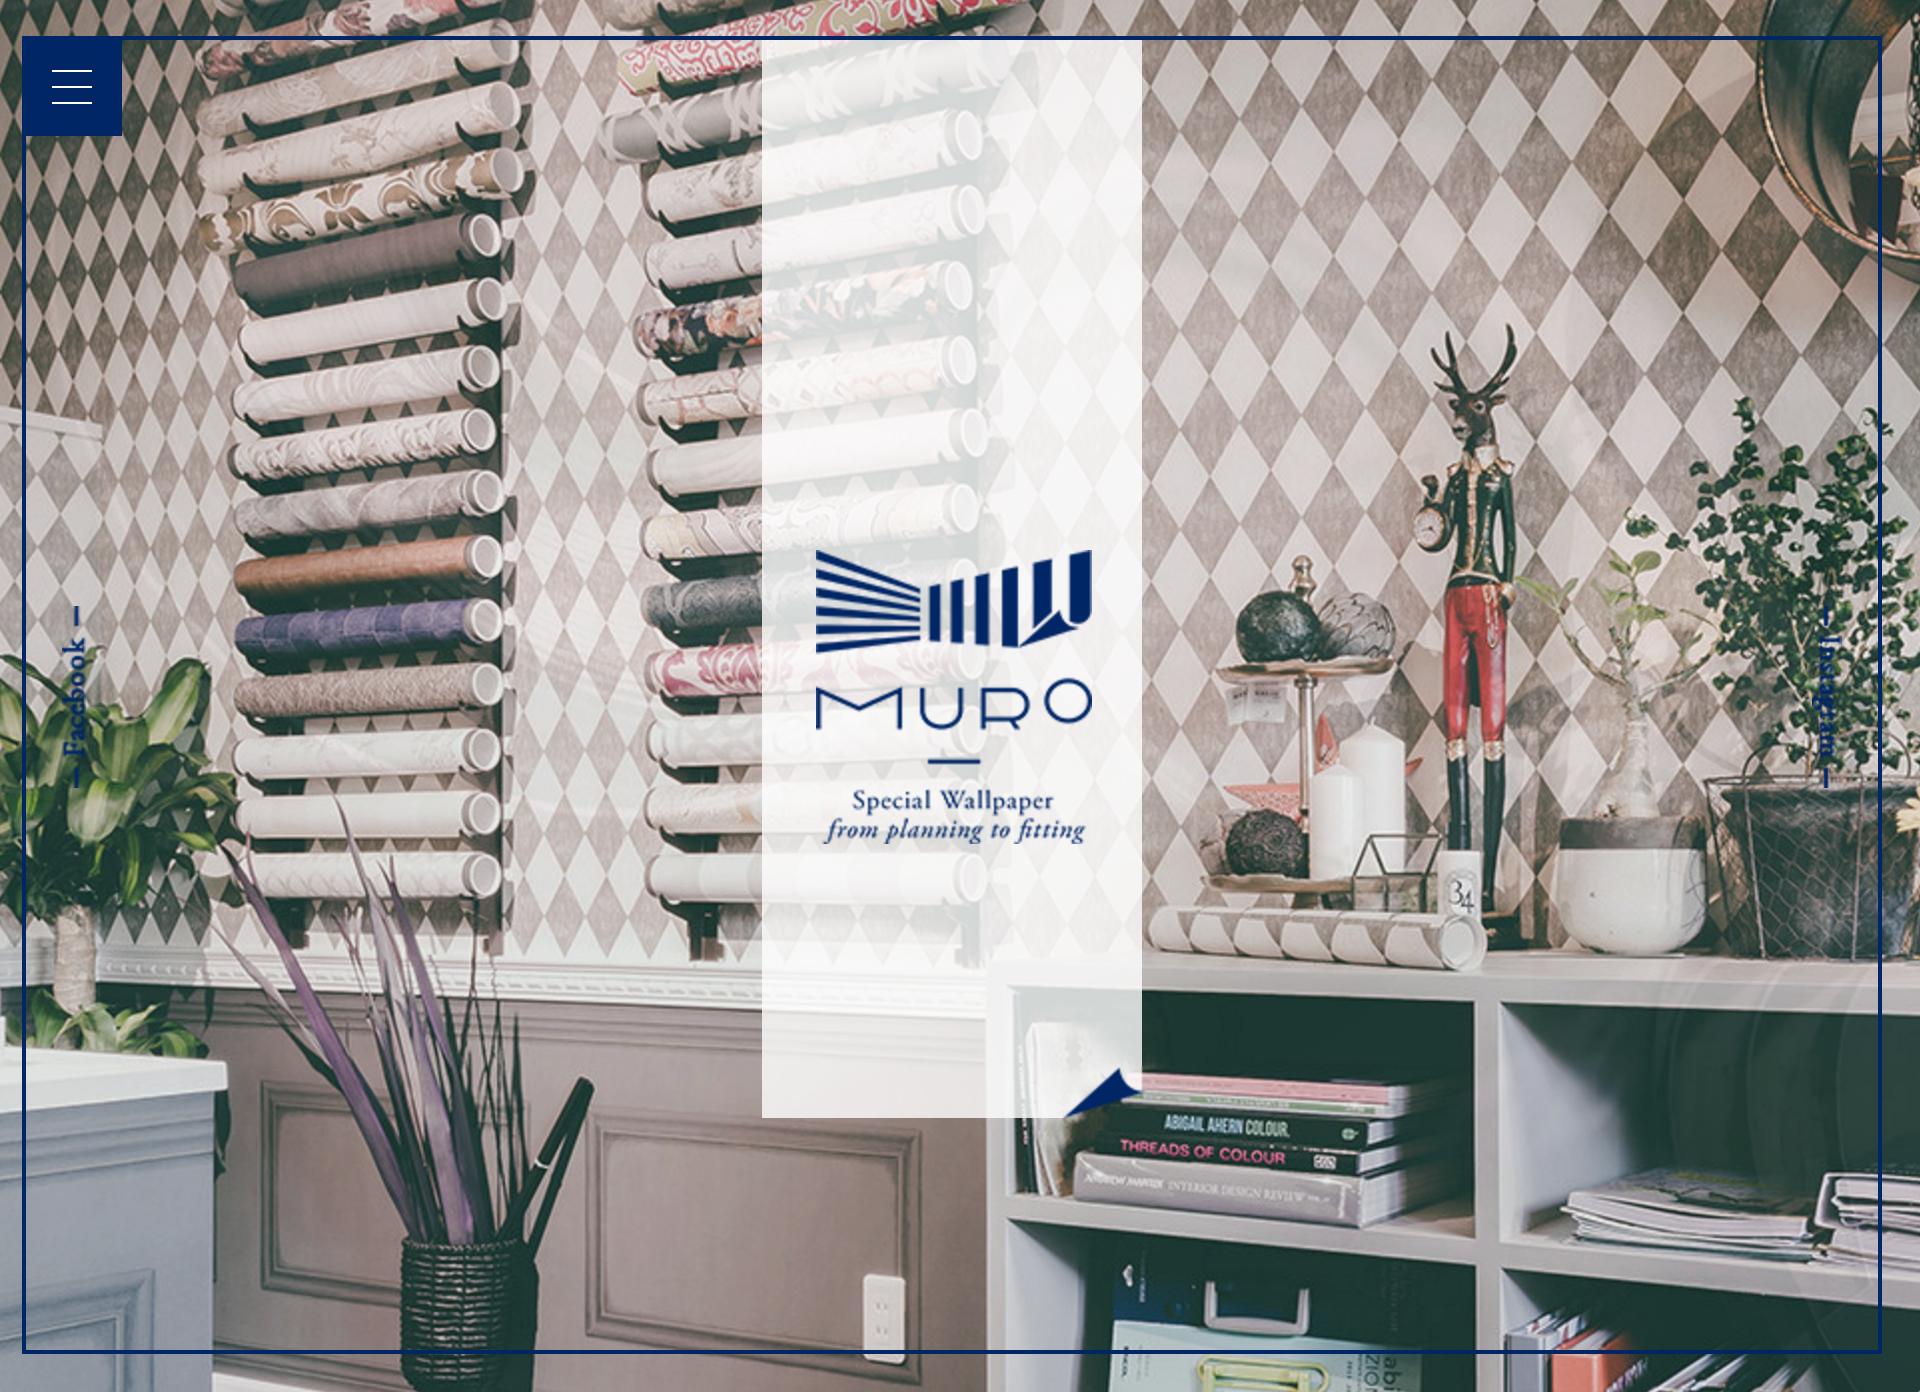 インテリアデザインオフィス「MURO」のホームページを担当させていただきました。